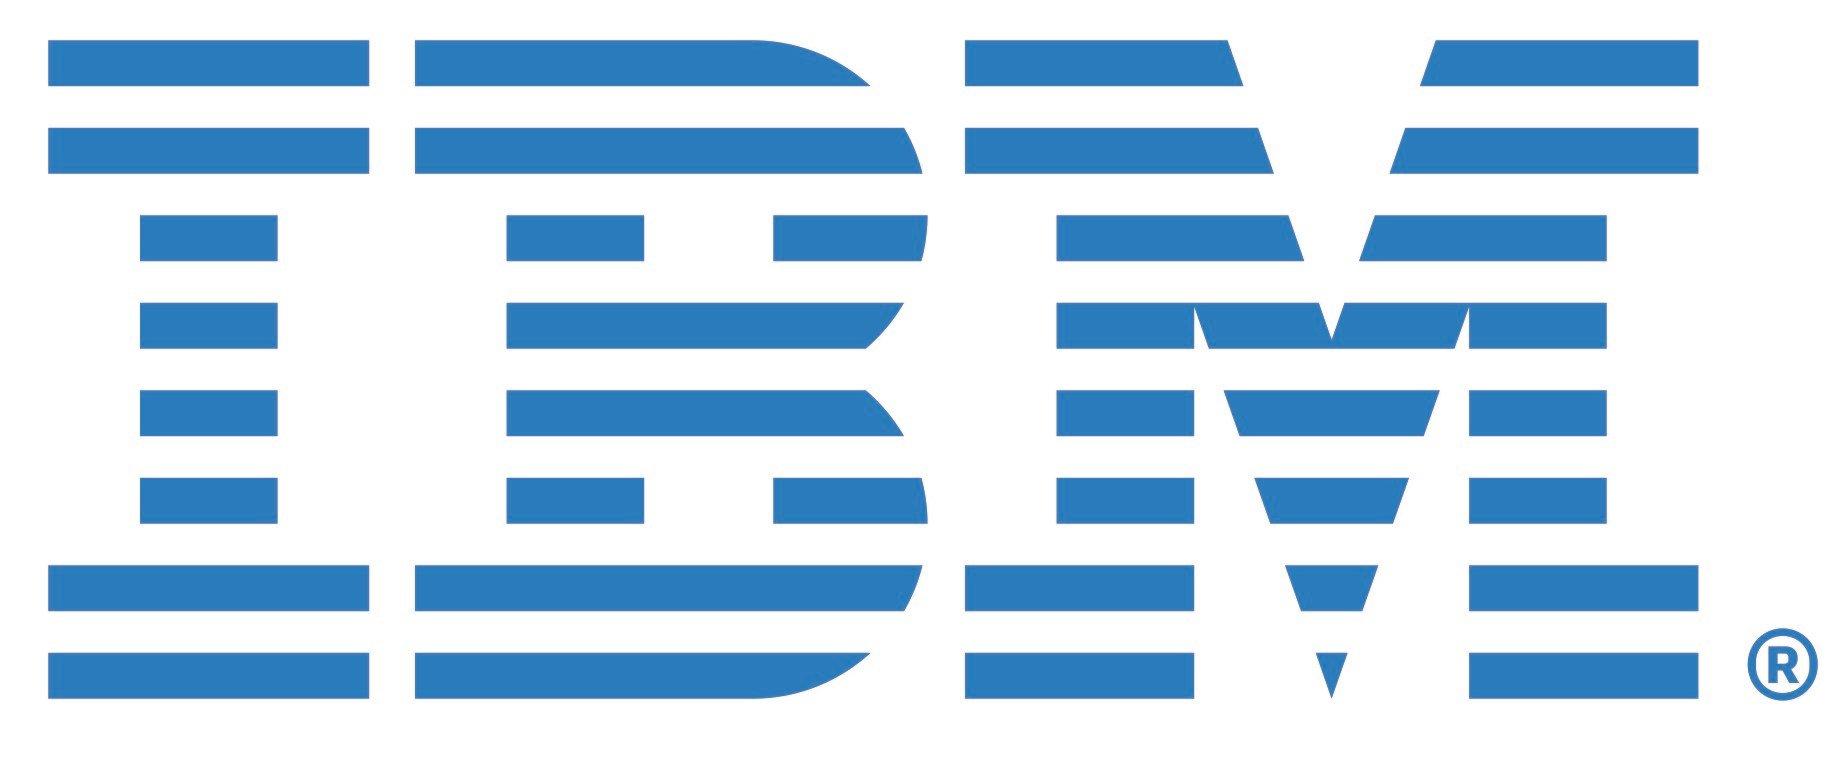 IBM_logo_blue60_CMYK